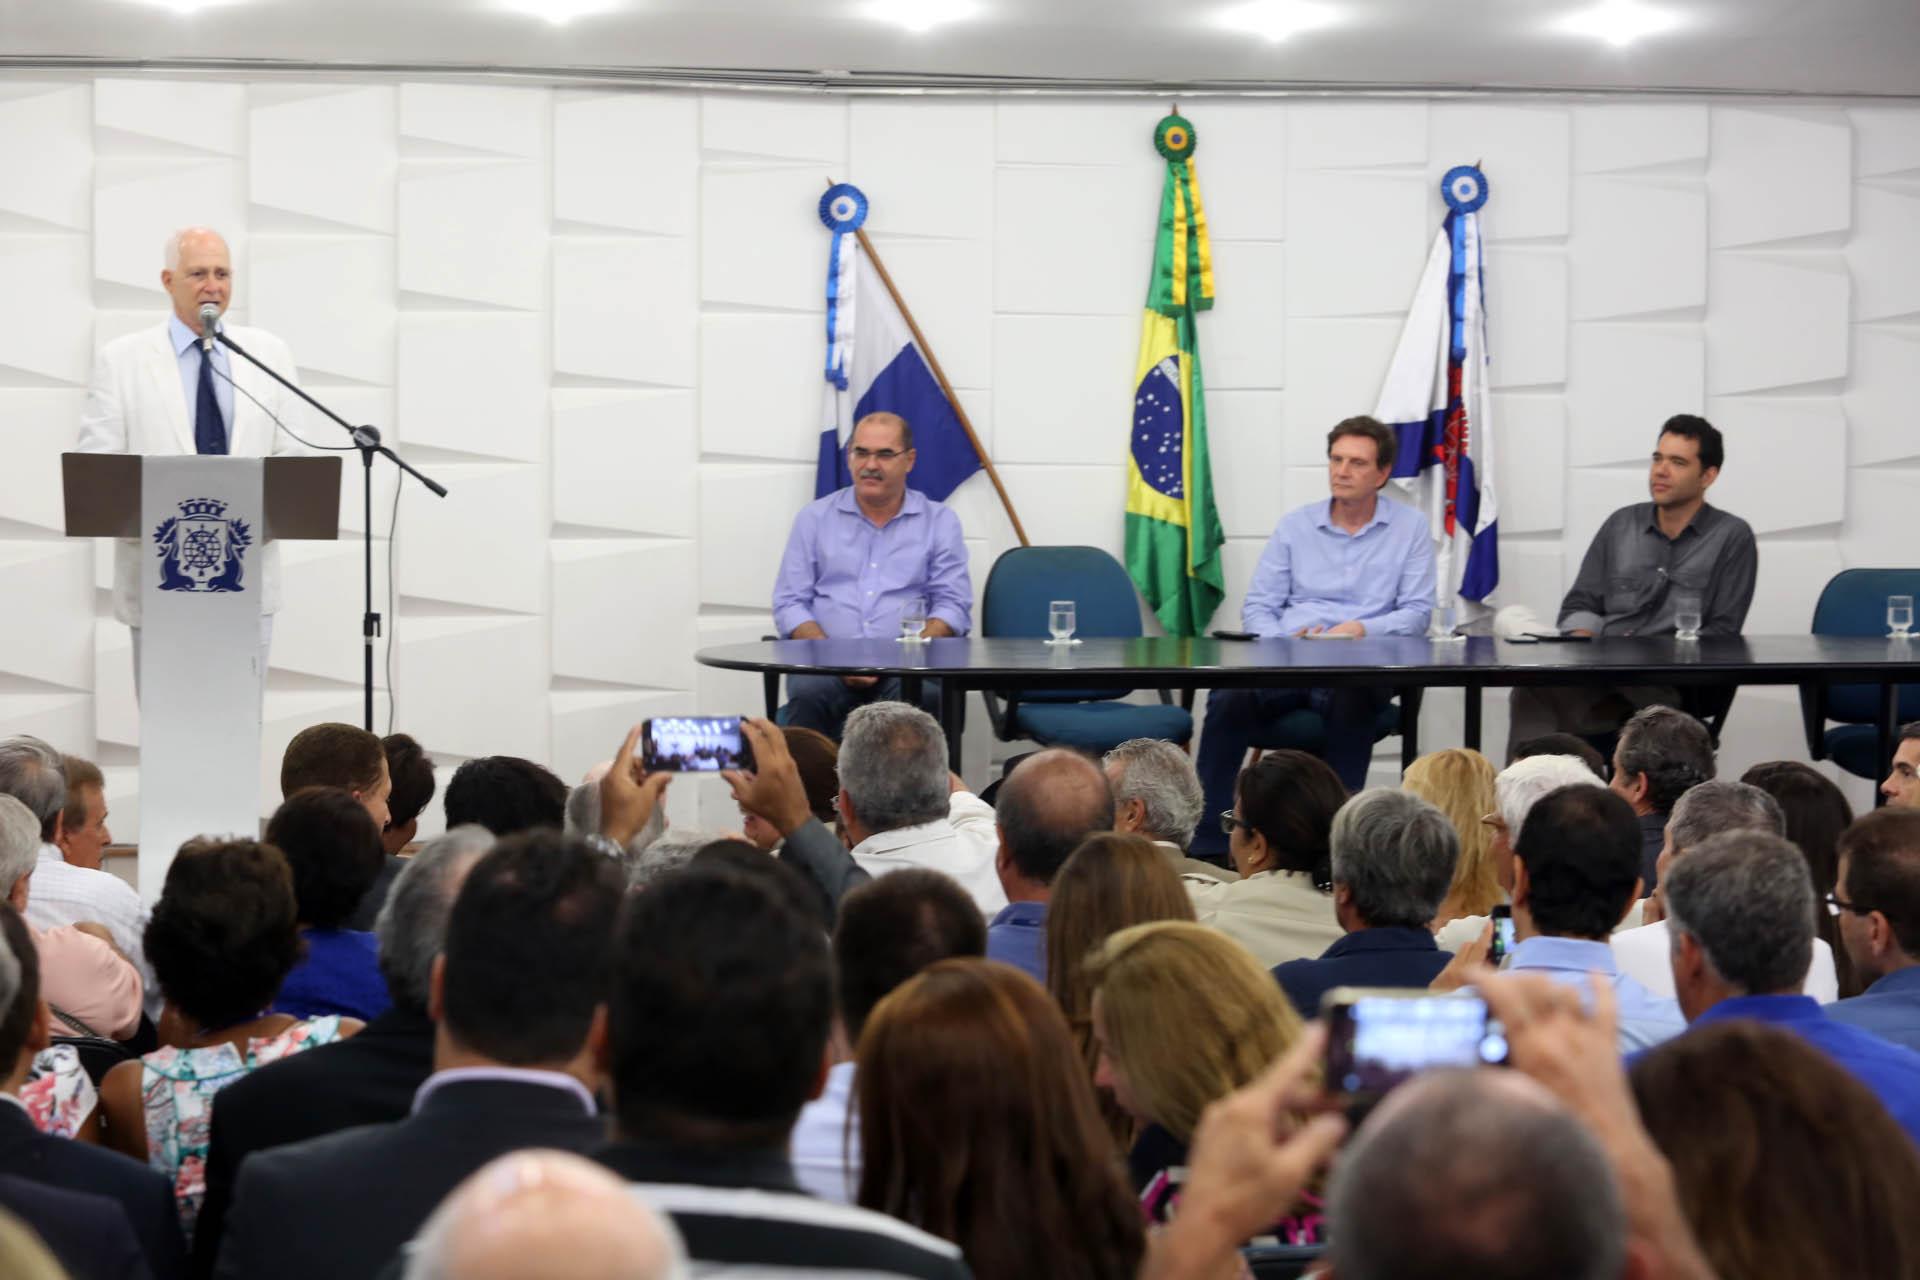 Novopresidente do Previ-Rio tomou posse neste dia 6 de março